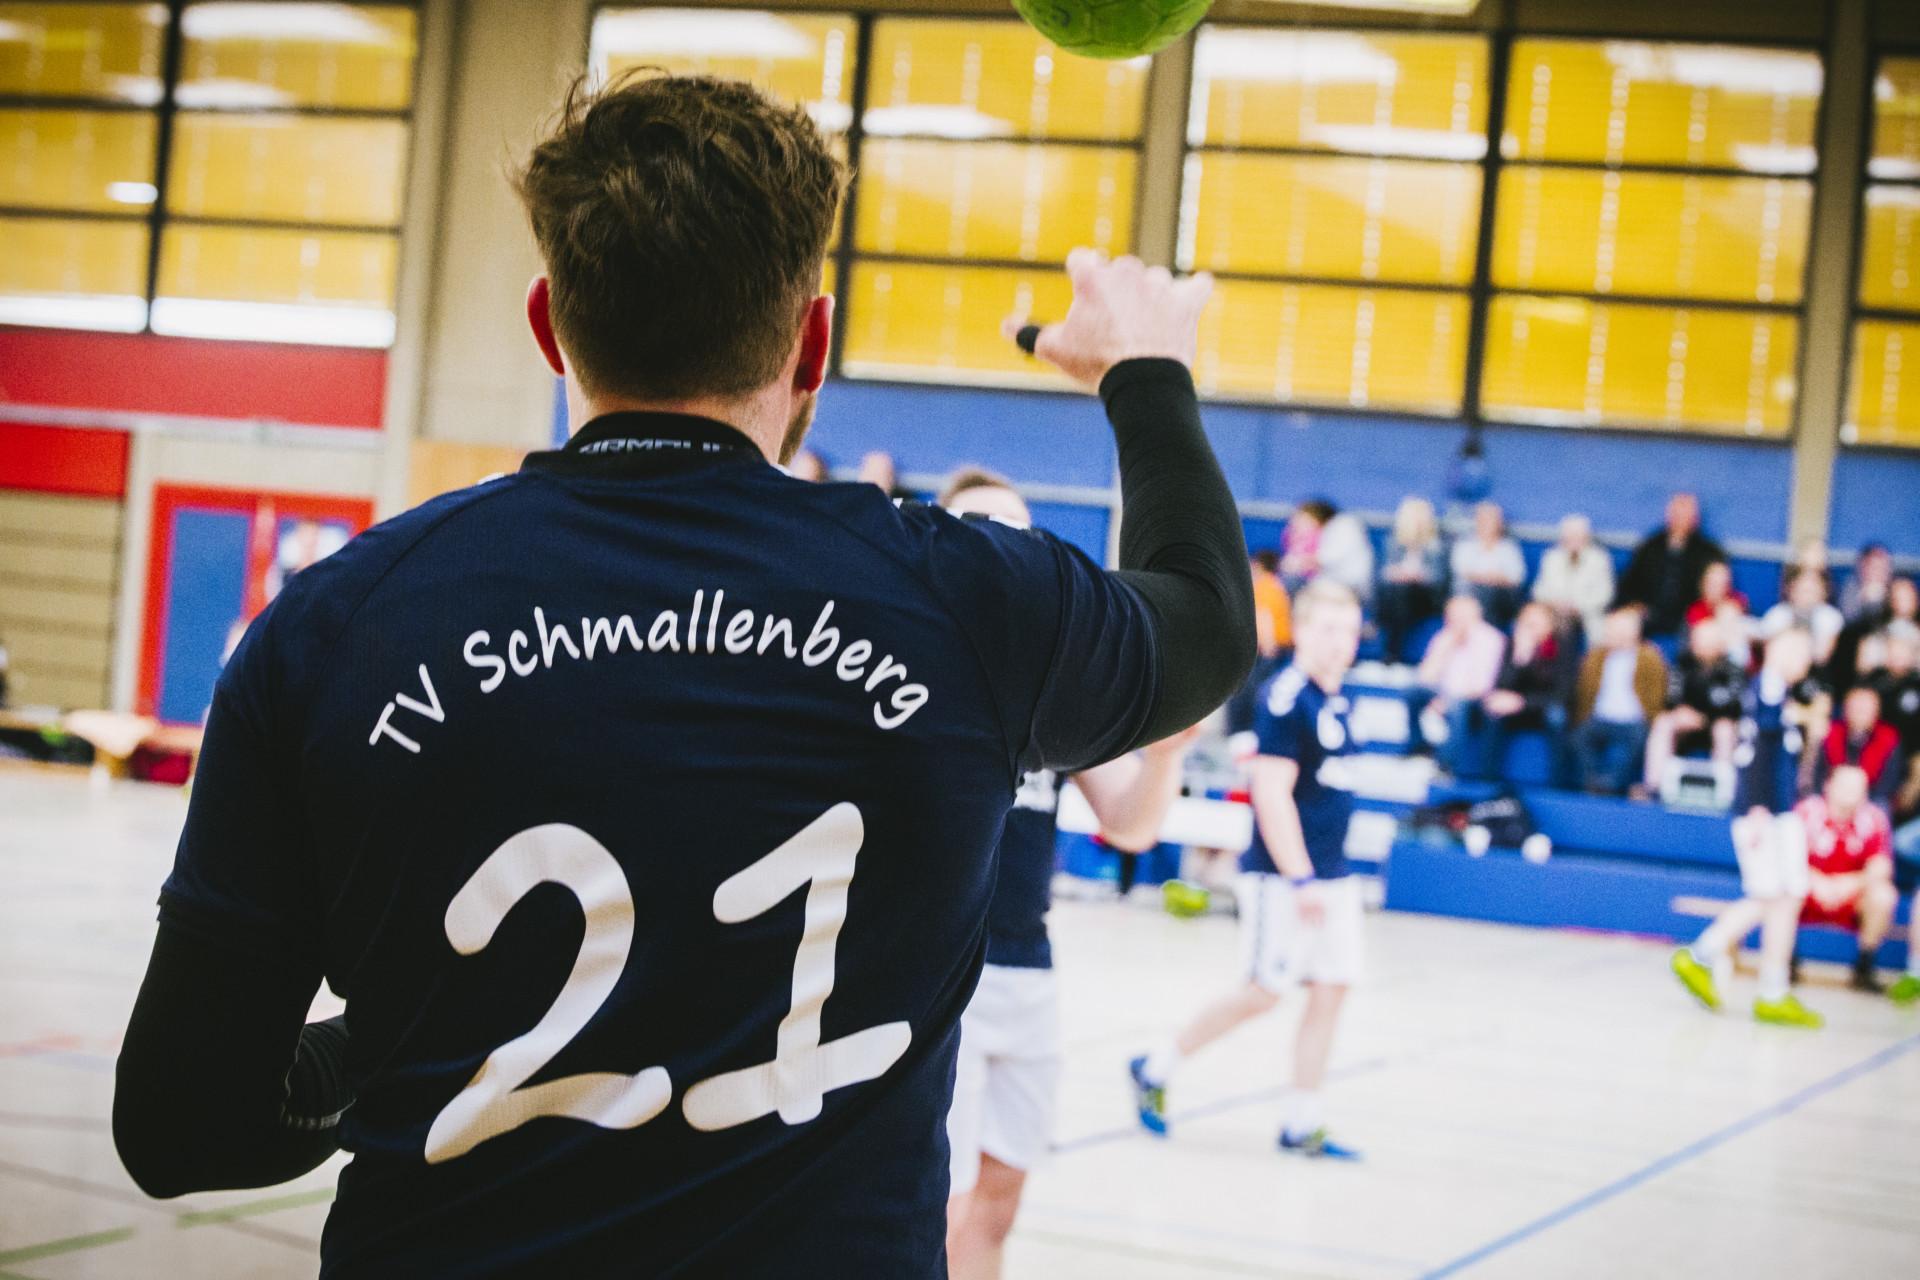 Handball Trikot mit der Nummer 21